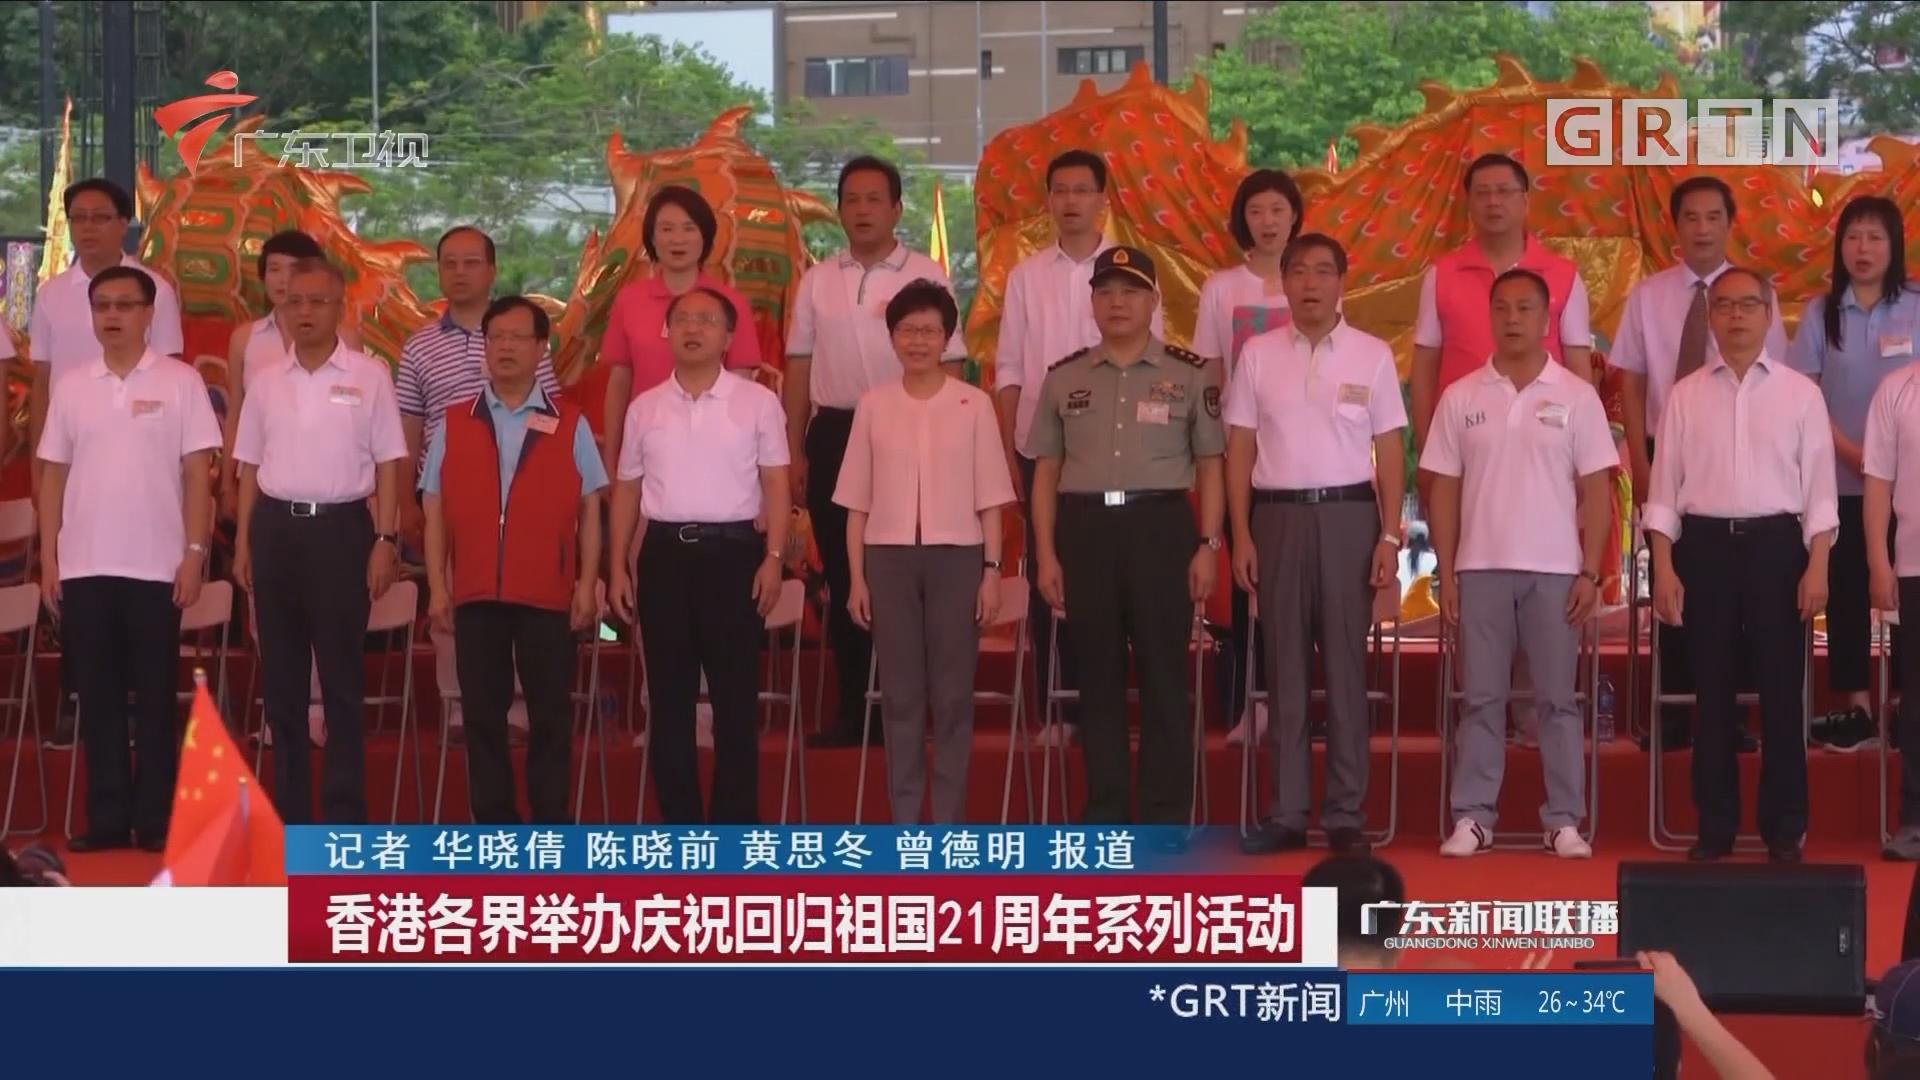 香港各界举办庆祝回归祖国21周年系列活动